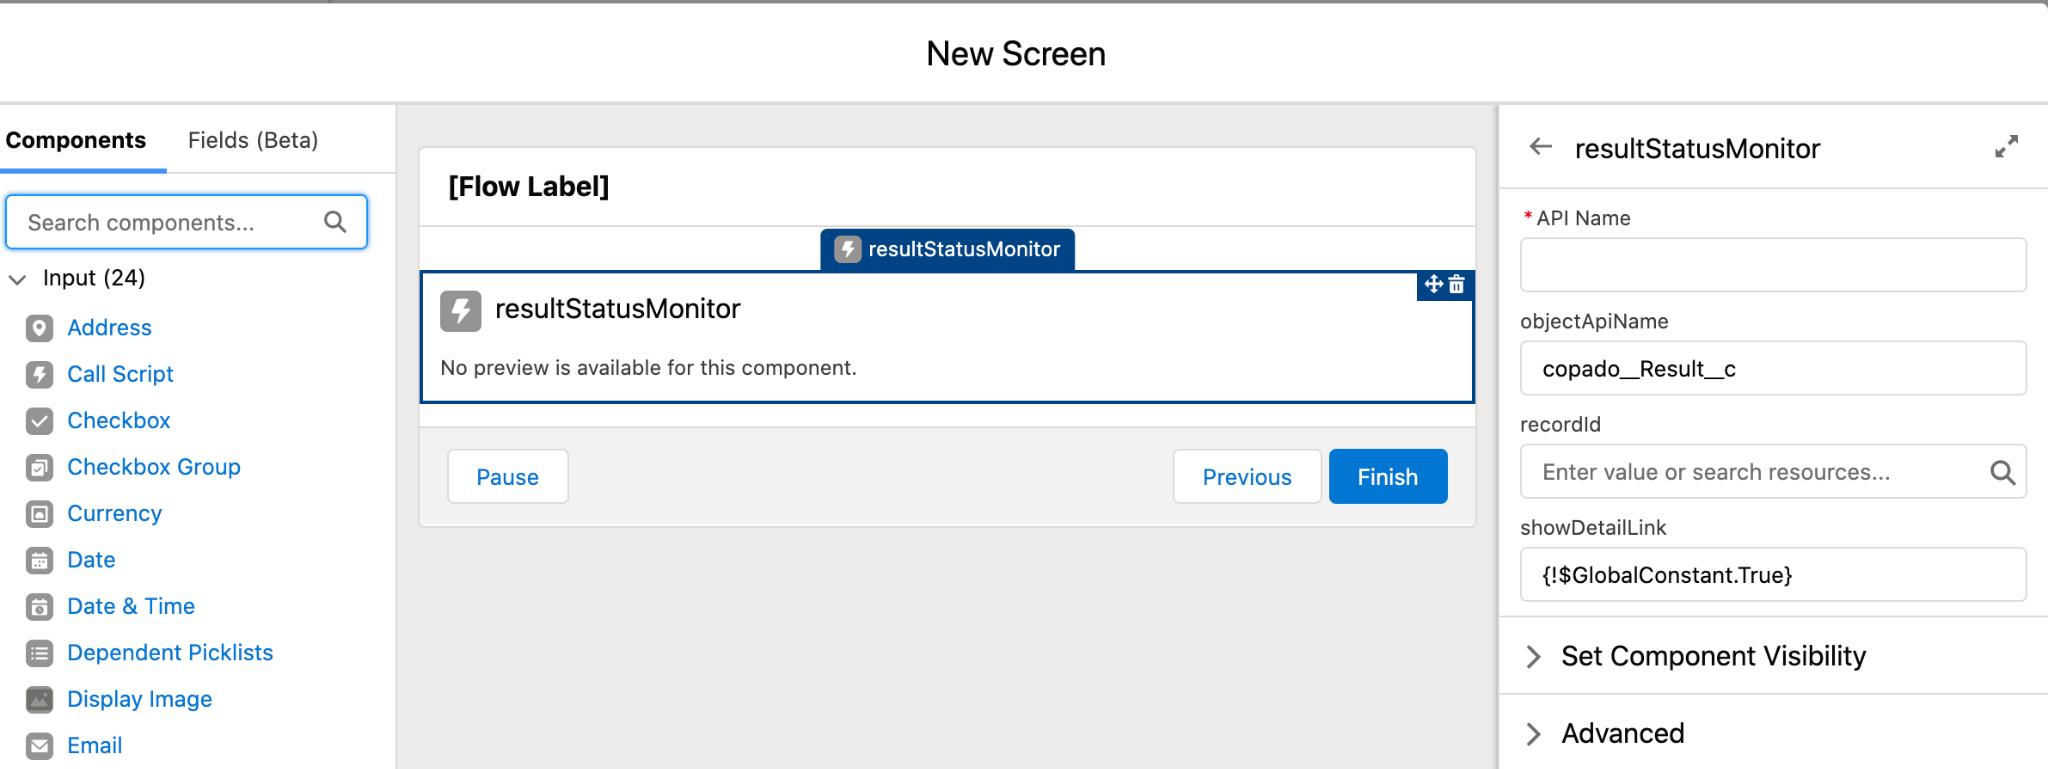 resultStatusMonitor component